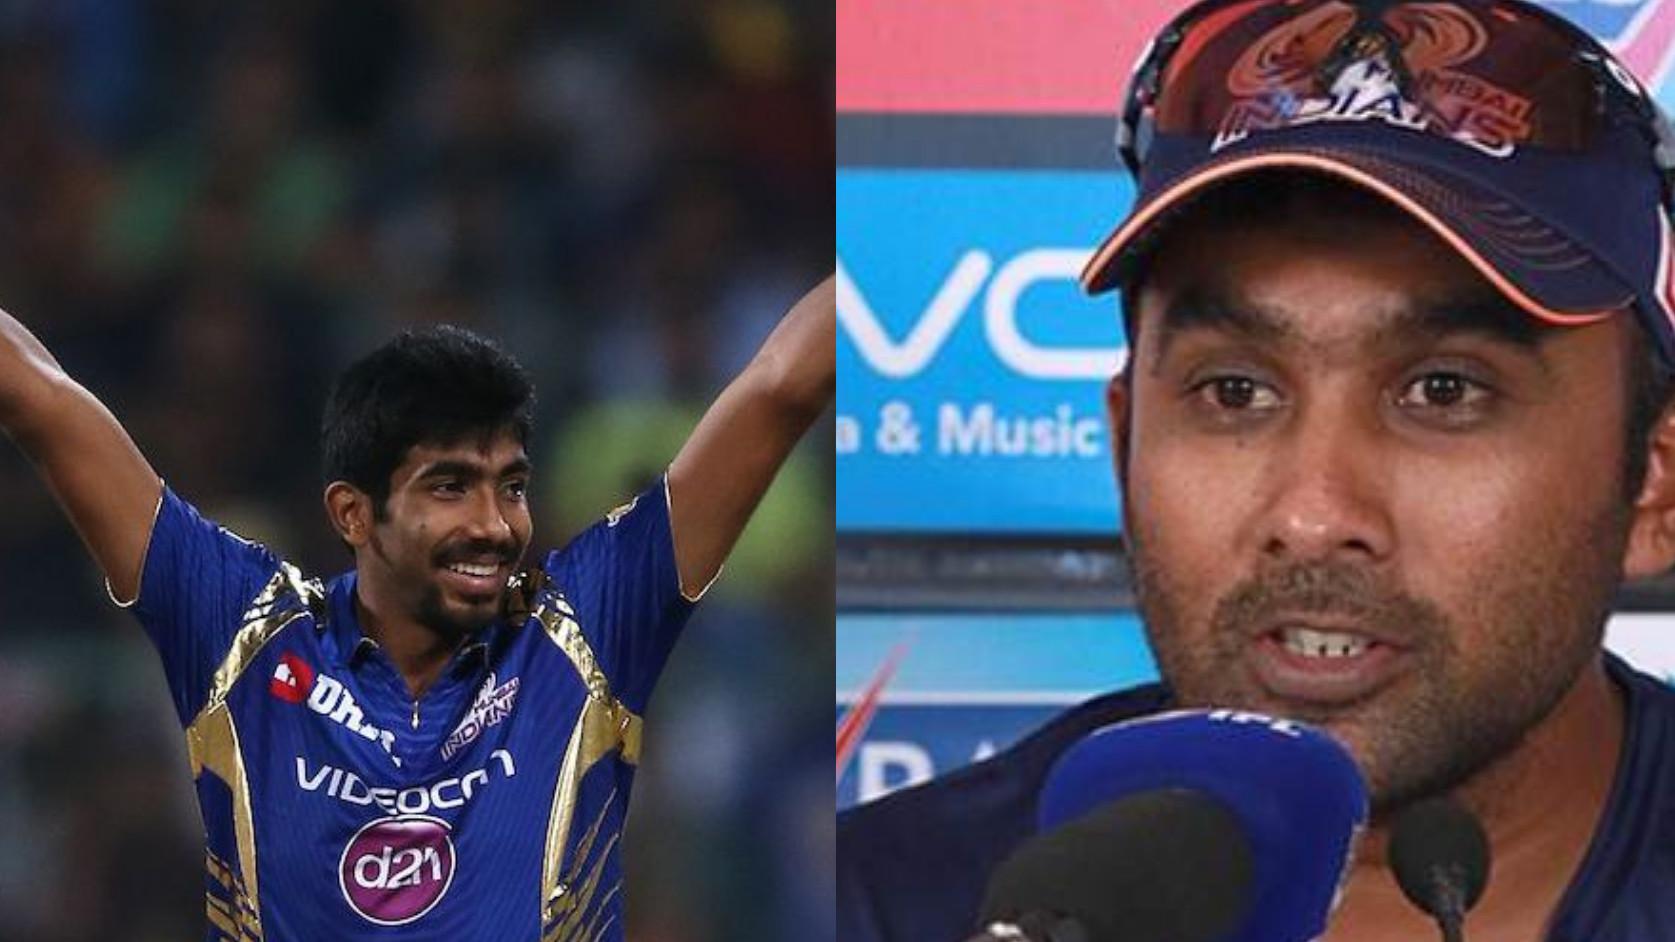 मौजूदा समय के इस भारतीय बल्लेबाज के सामने कभी भी बल्लेबाजी नहीं करना चाहते महेला जयवर्धने 1